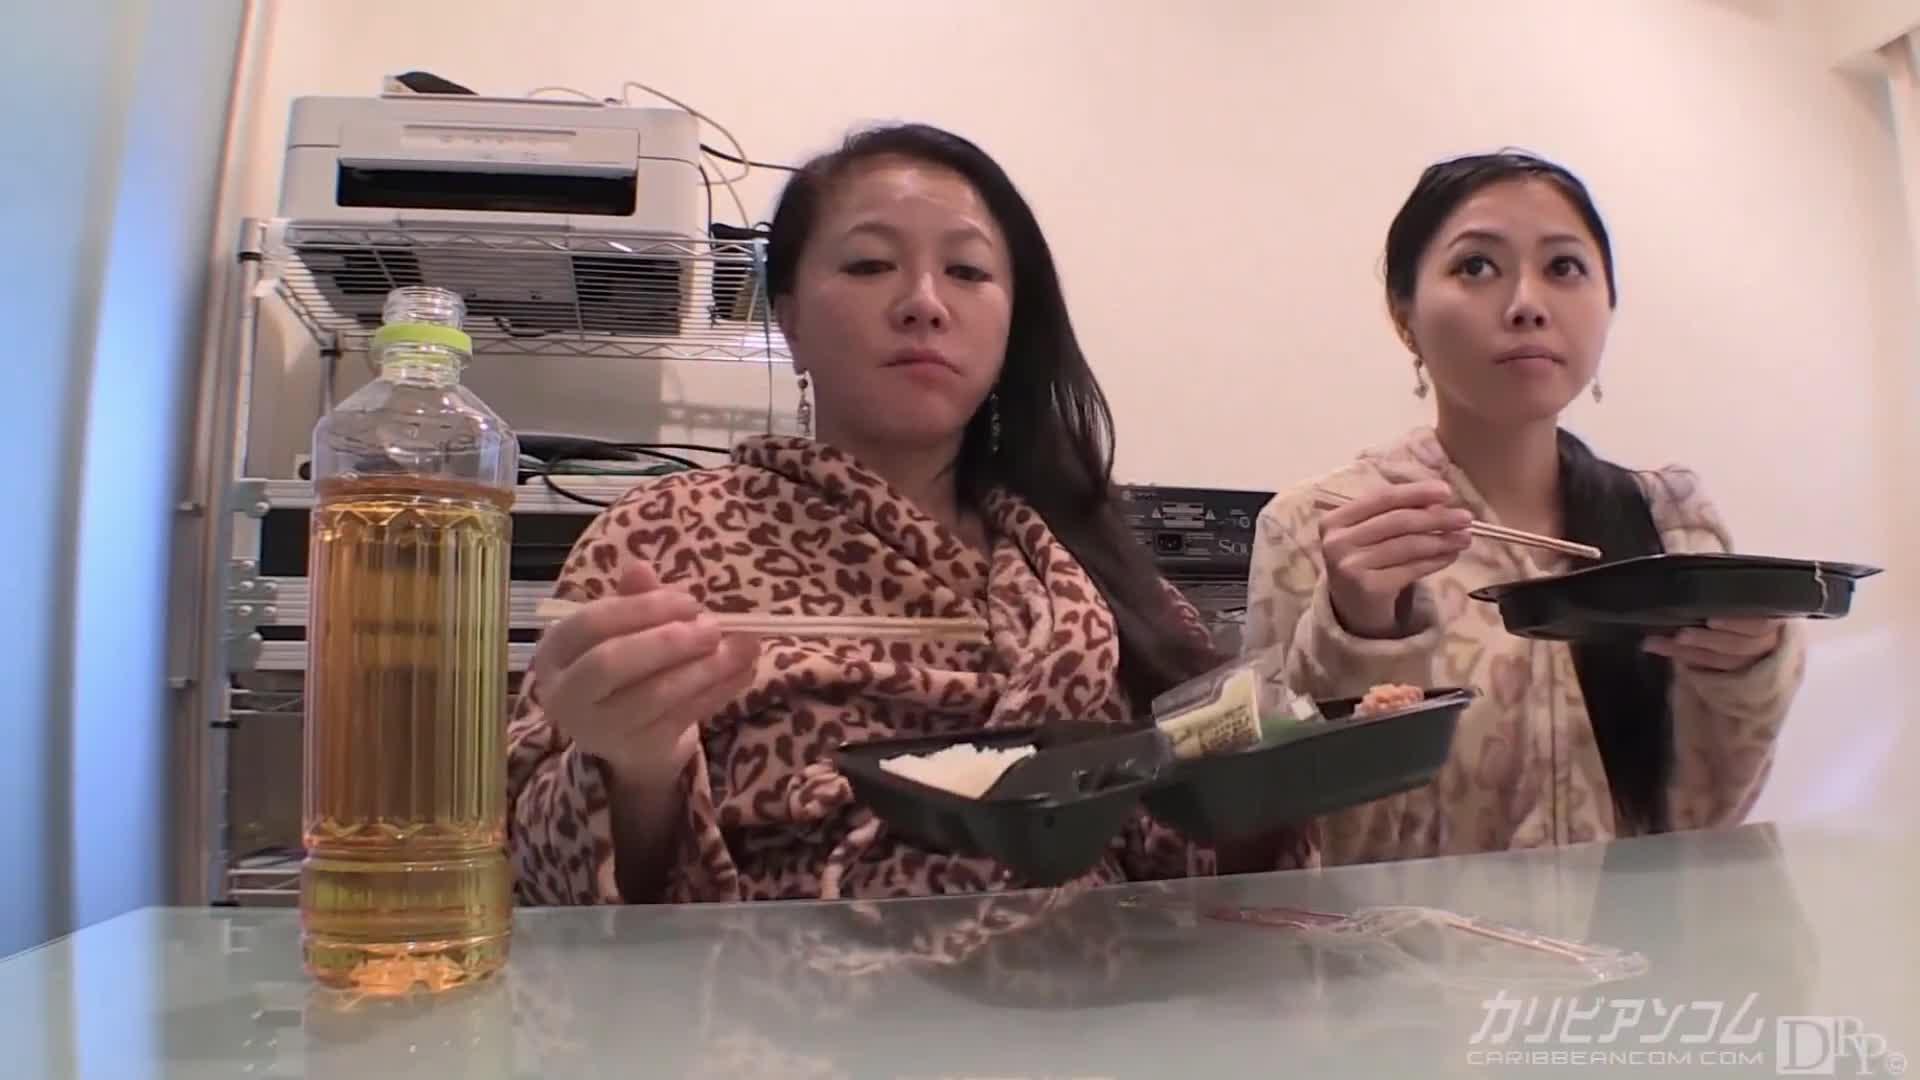 日本本物のママと娘ビデオ-tokyoporns.com